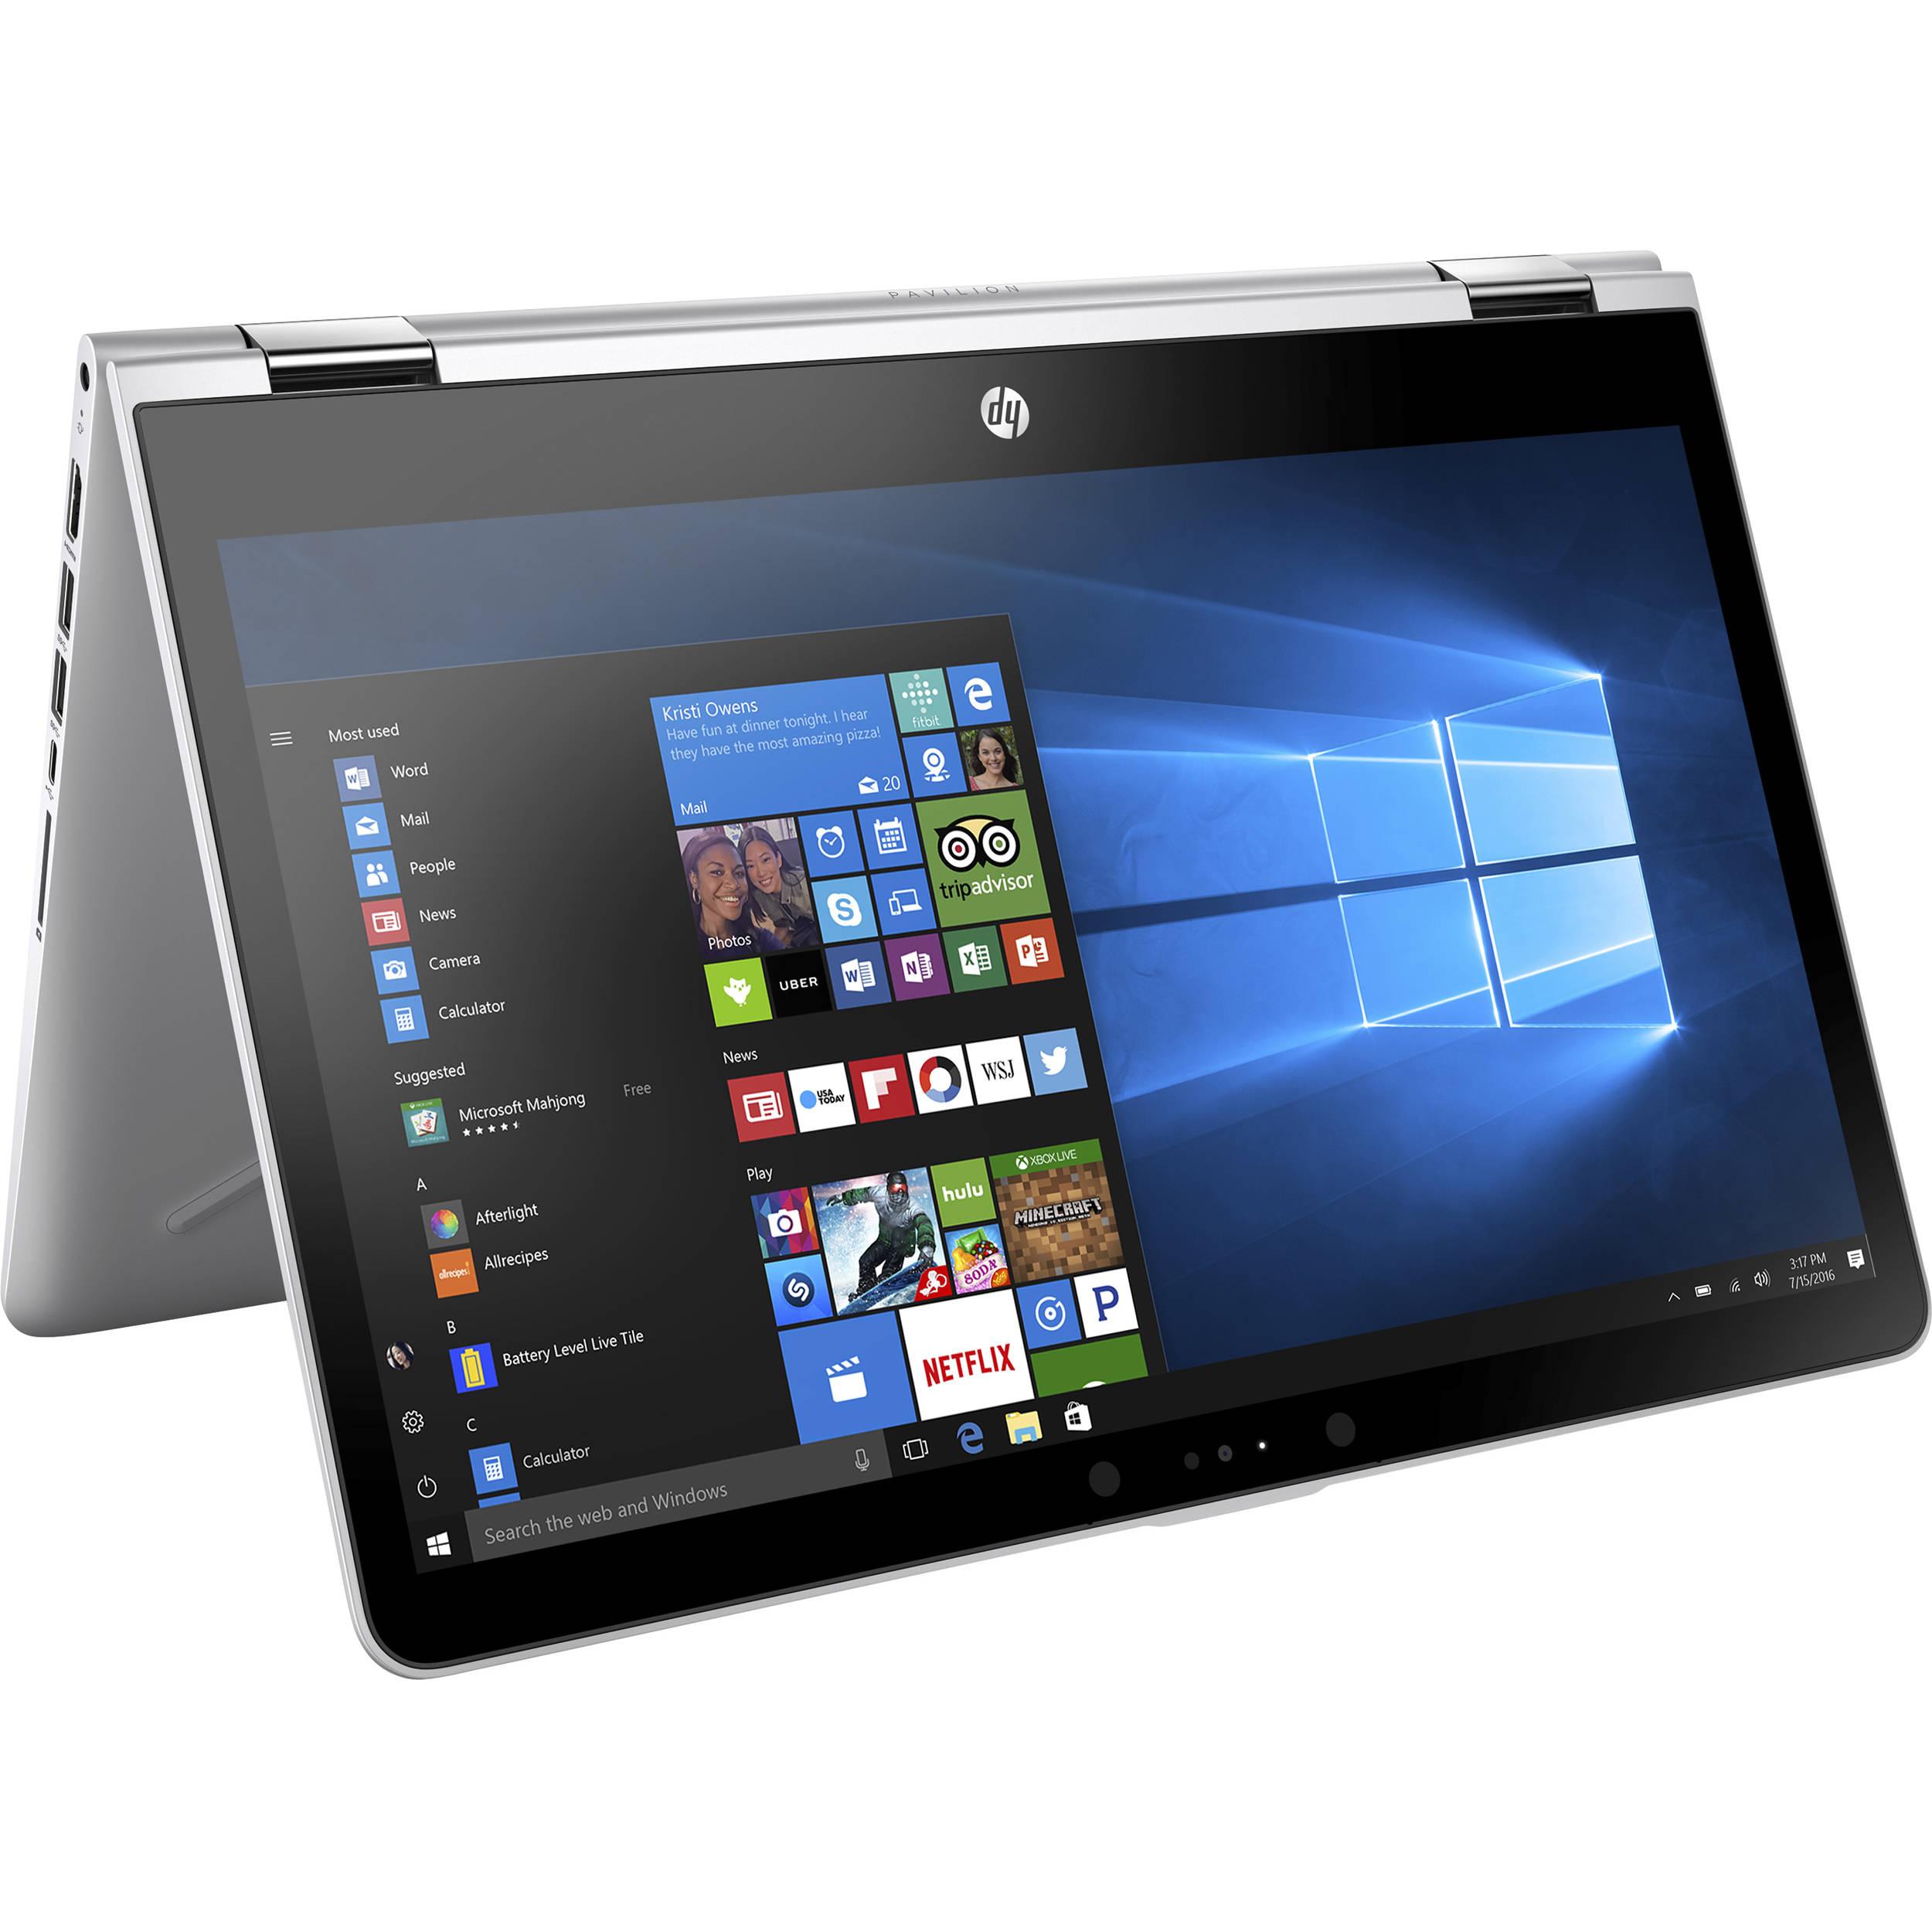 HP Pavilion x360 Laptop: Specs and Reviews 25